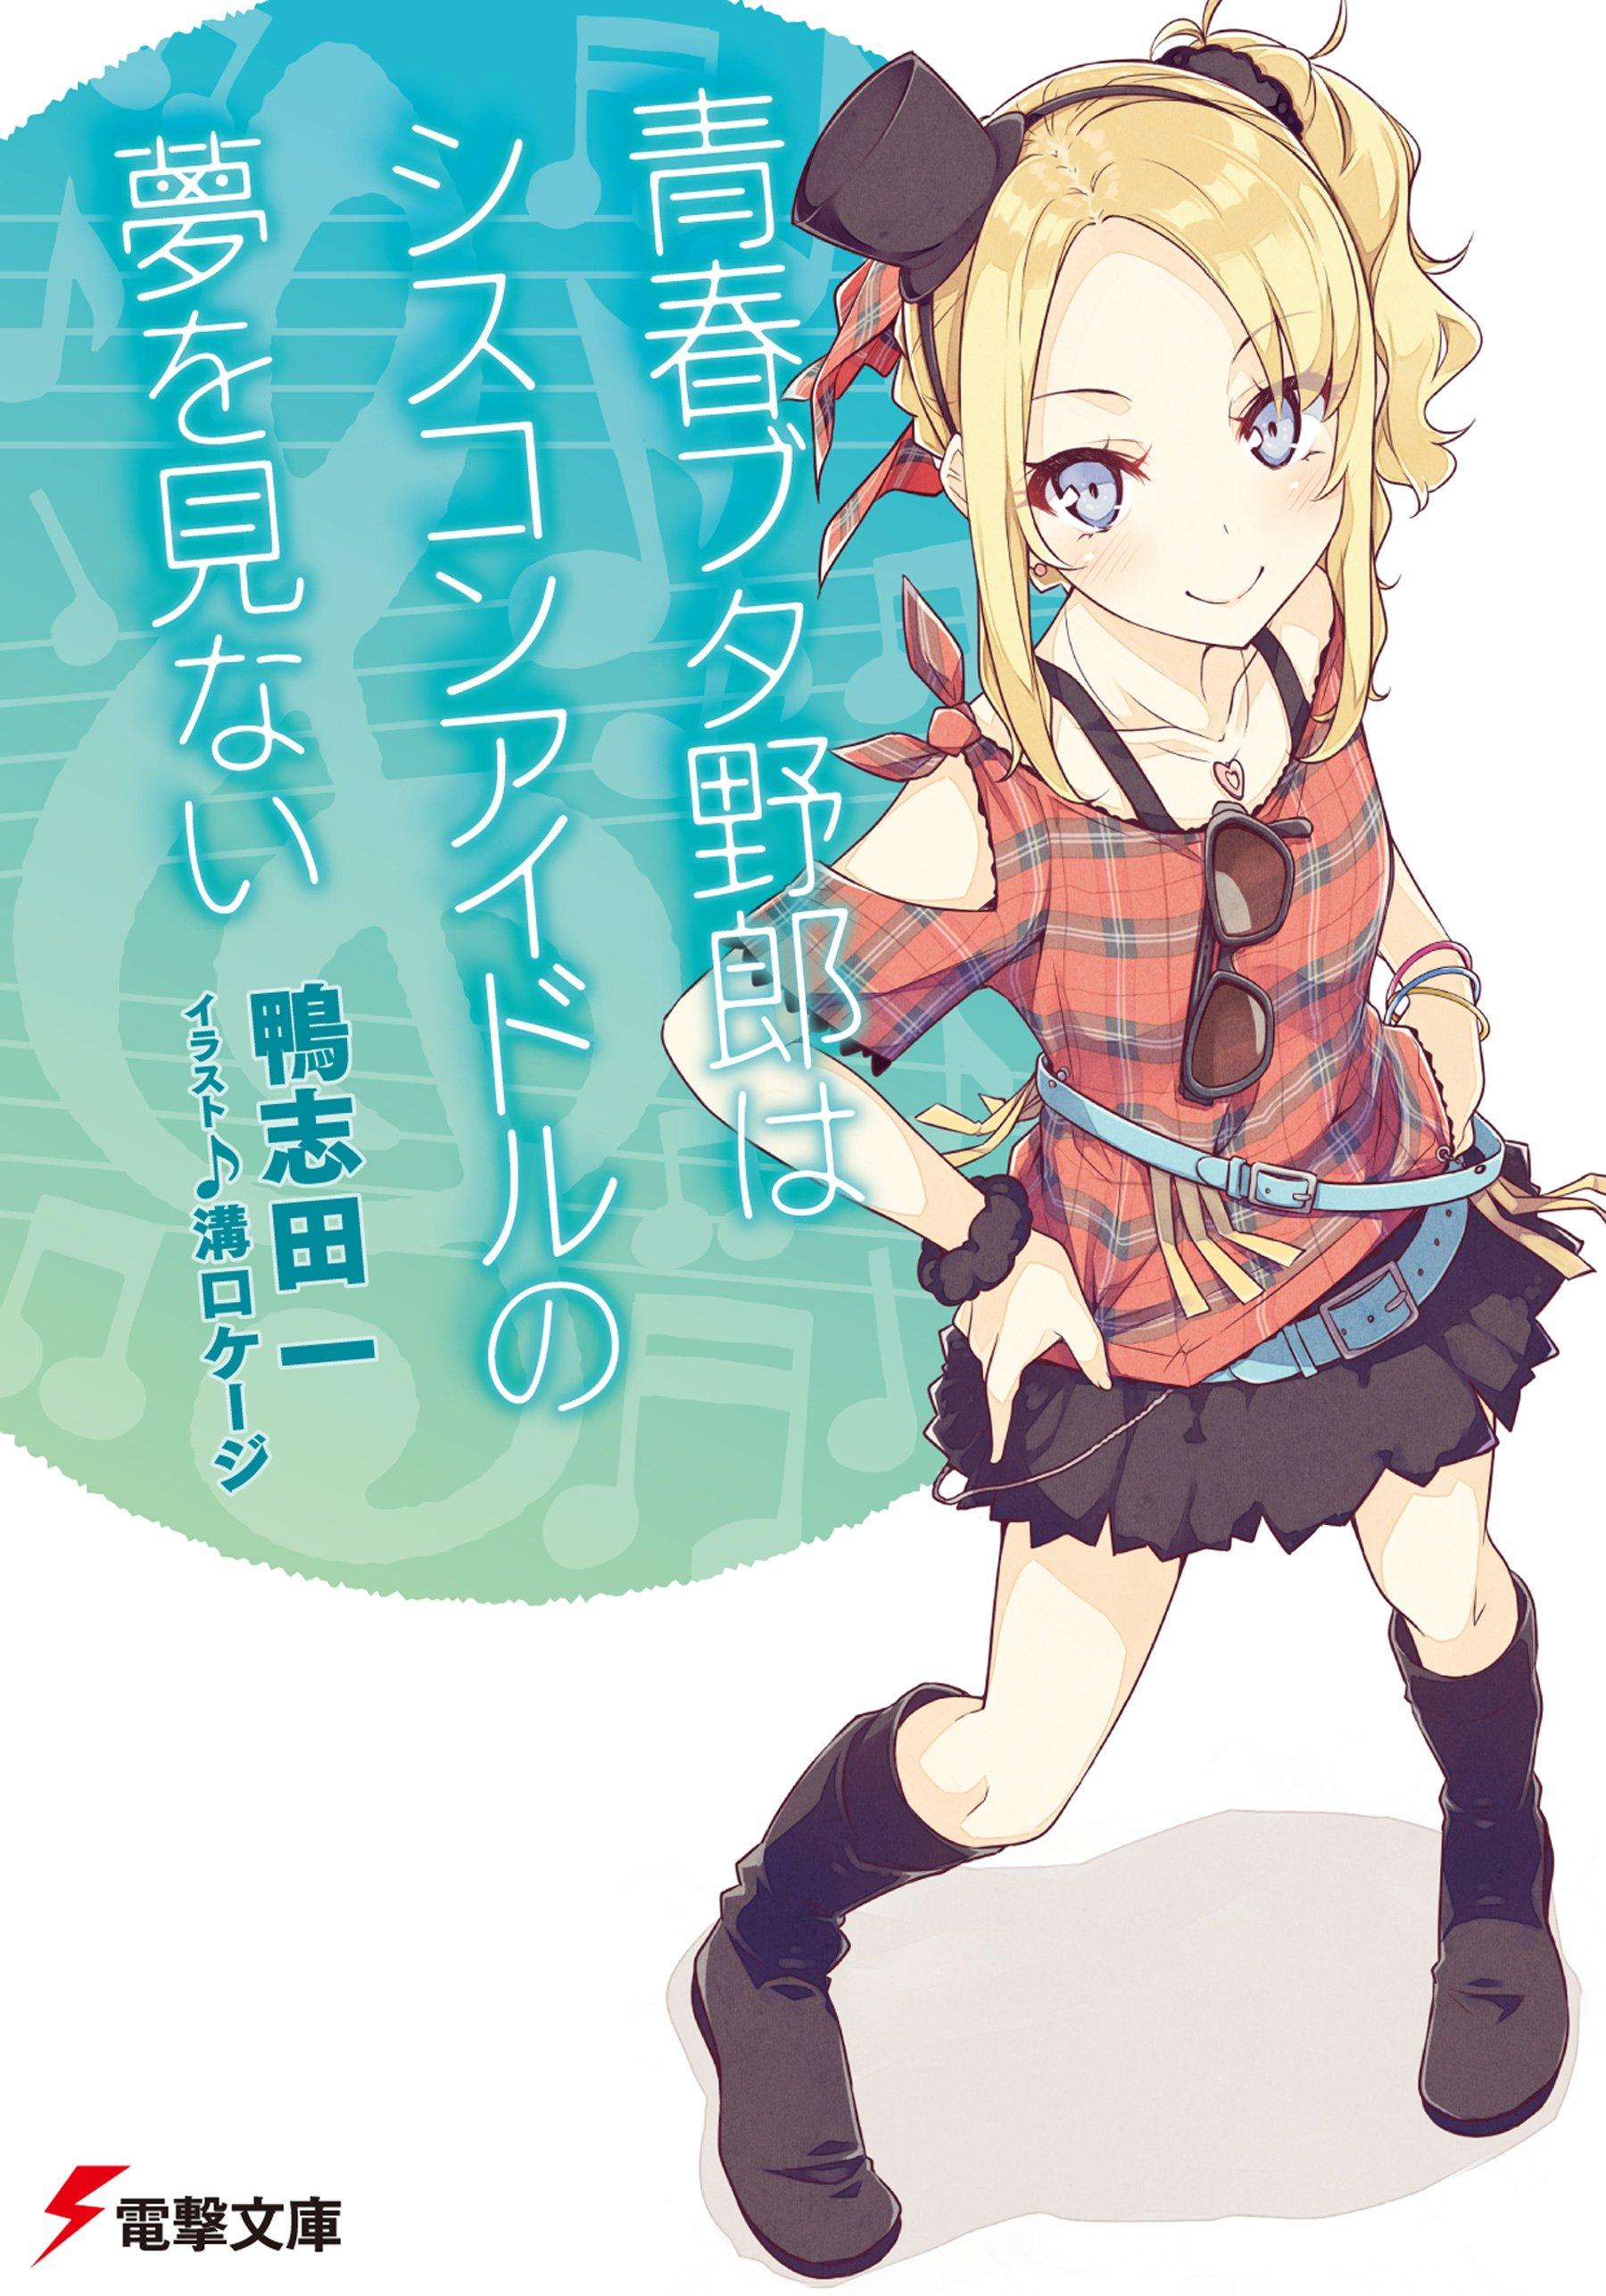 Light Novel Volume 10  Seishun Buta Yarou wa Bunny Girl Senpai no